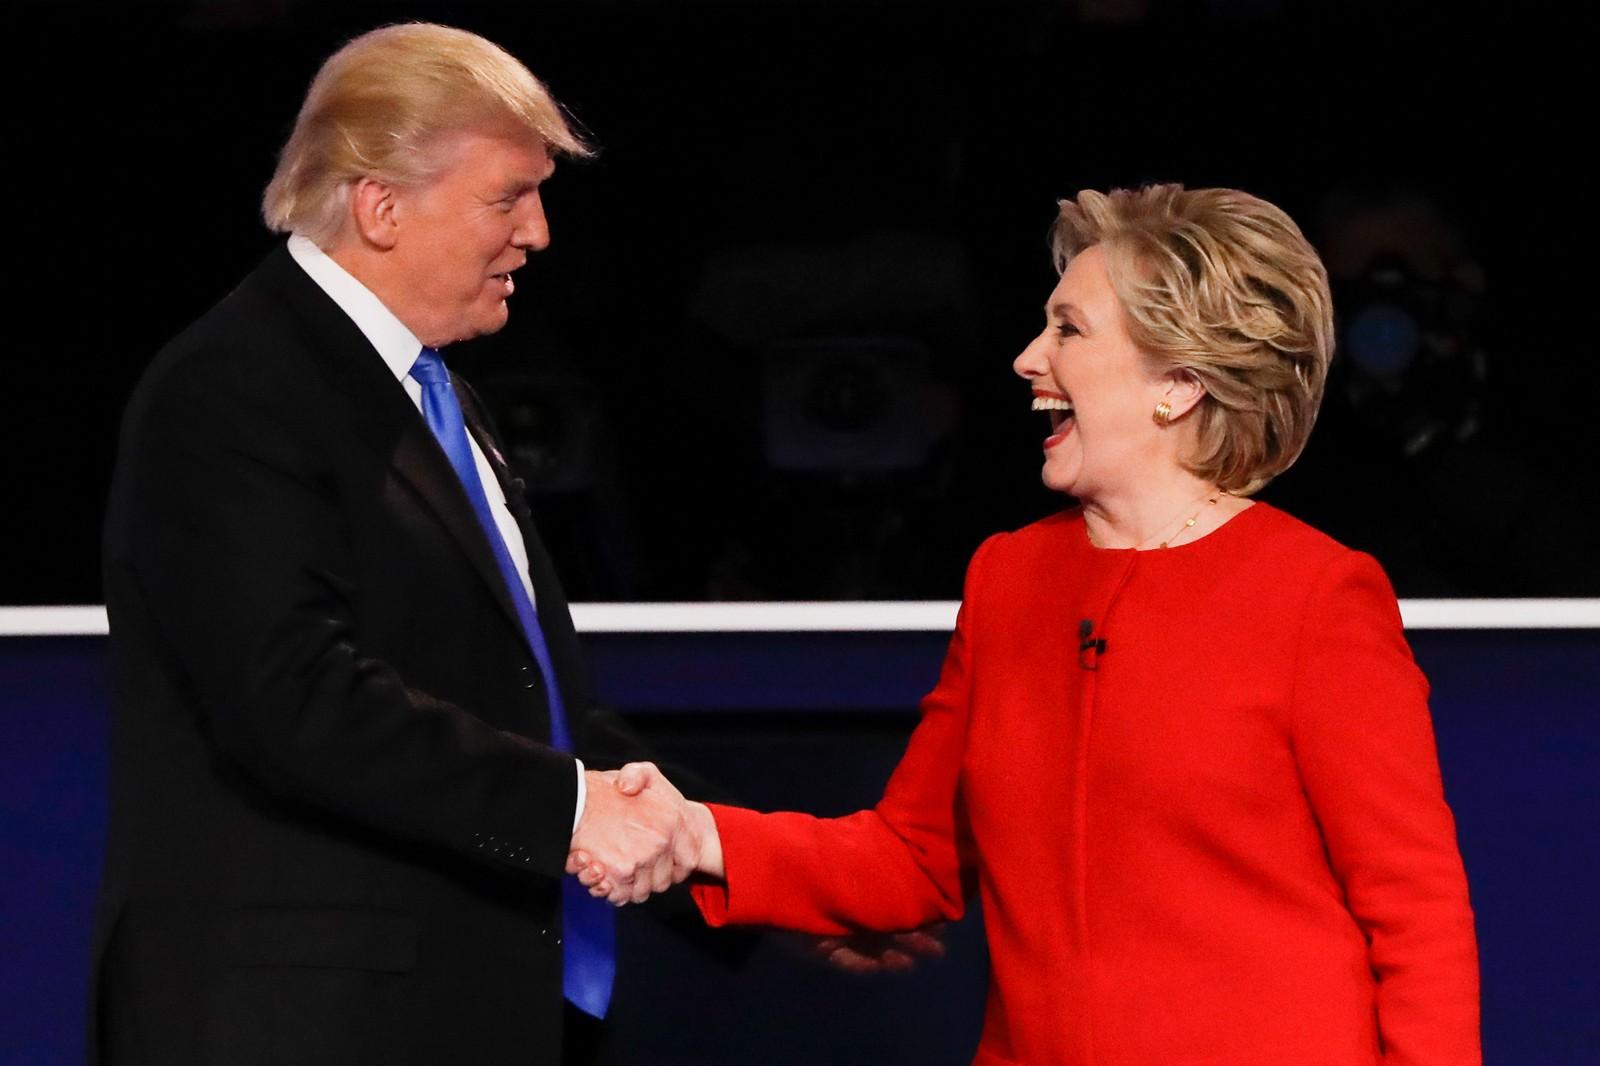 Også etter debatten var stemningen gemyttelig, og de to motkandidatene tok hverandre i hendene.